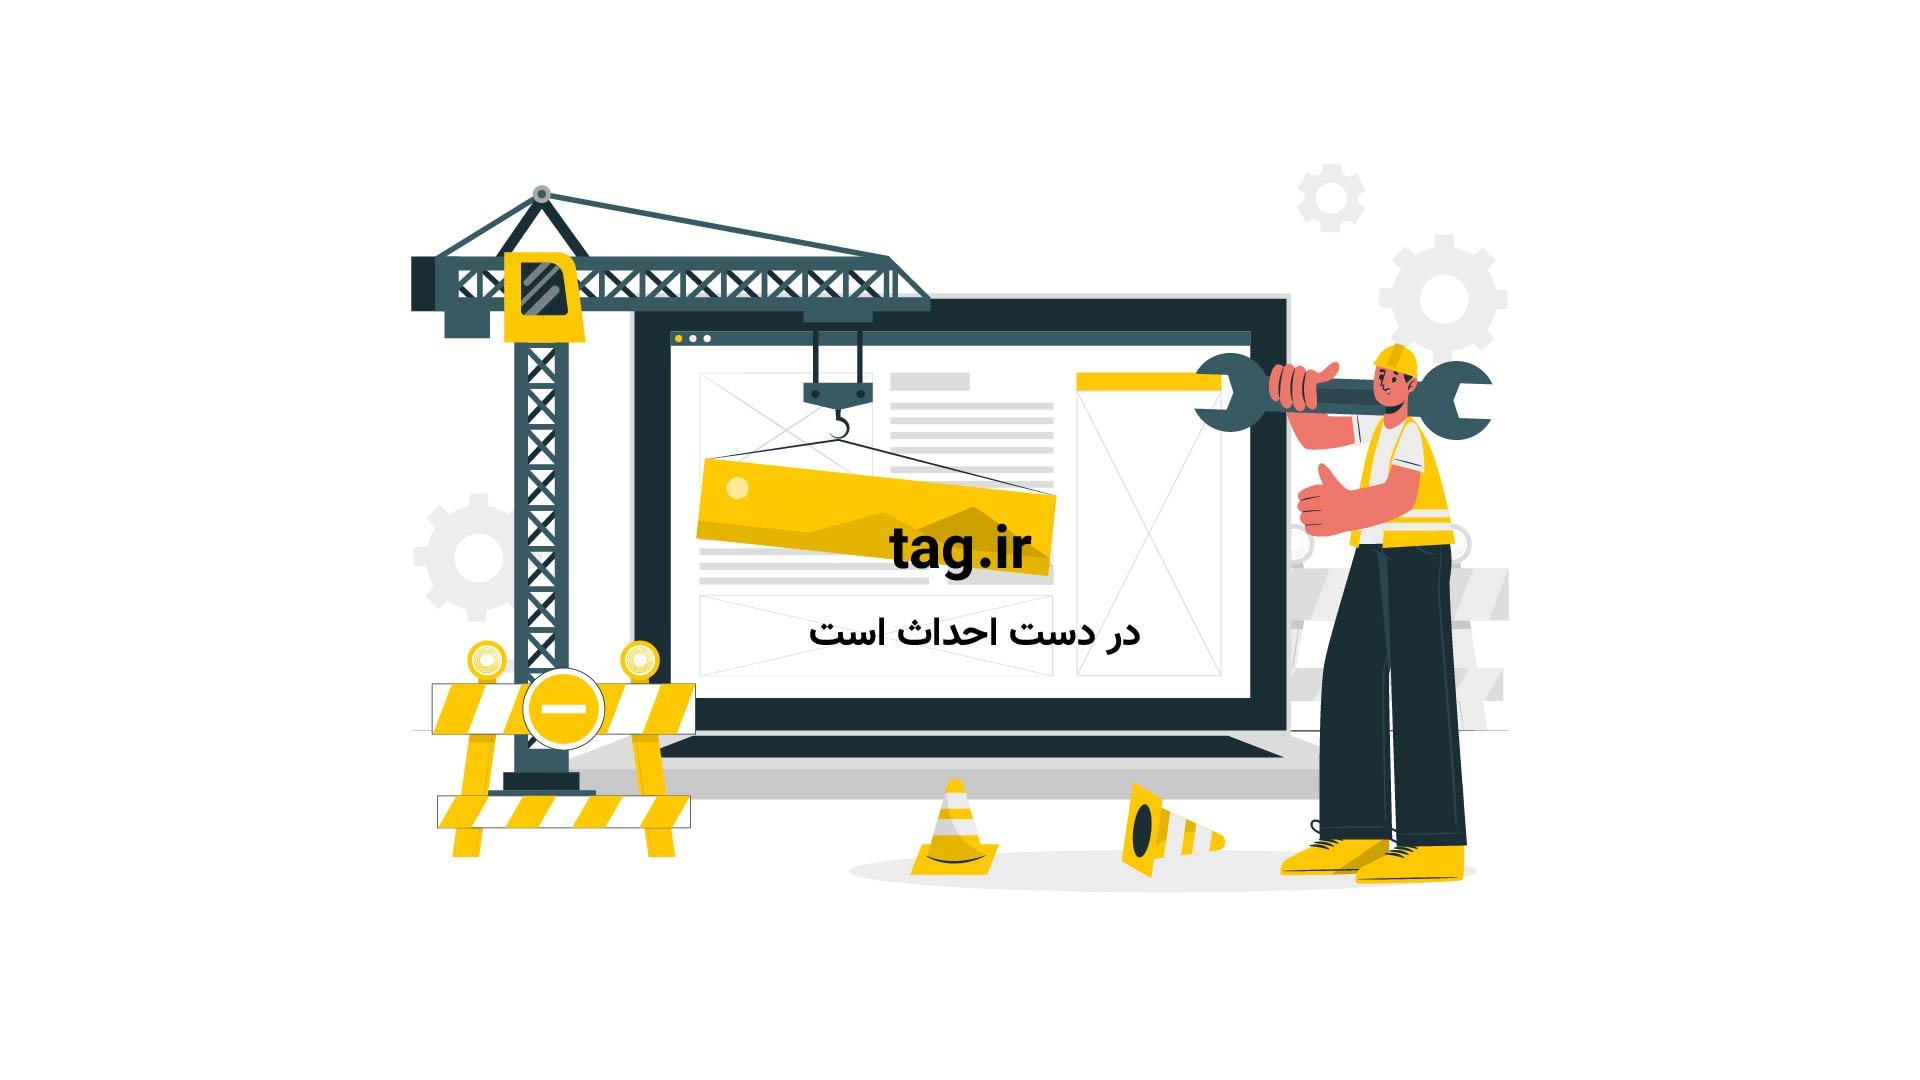 انفجار مهیب  ساختمانی در چین با ١۴ کشته و ١۴٧ زخمی | فیلم